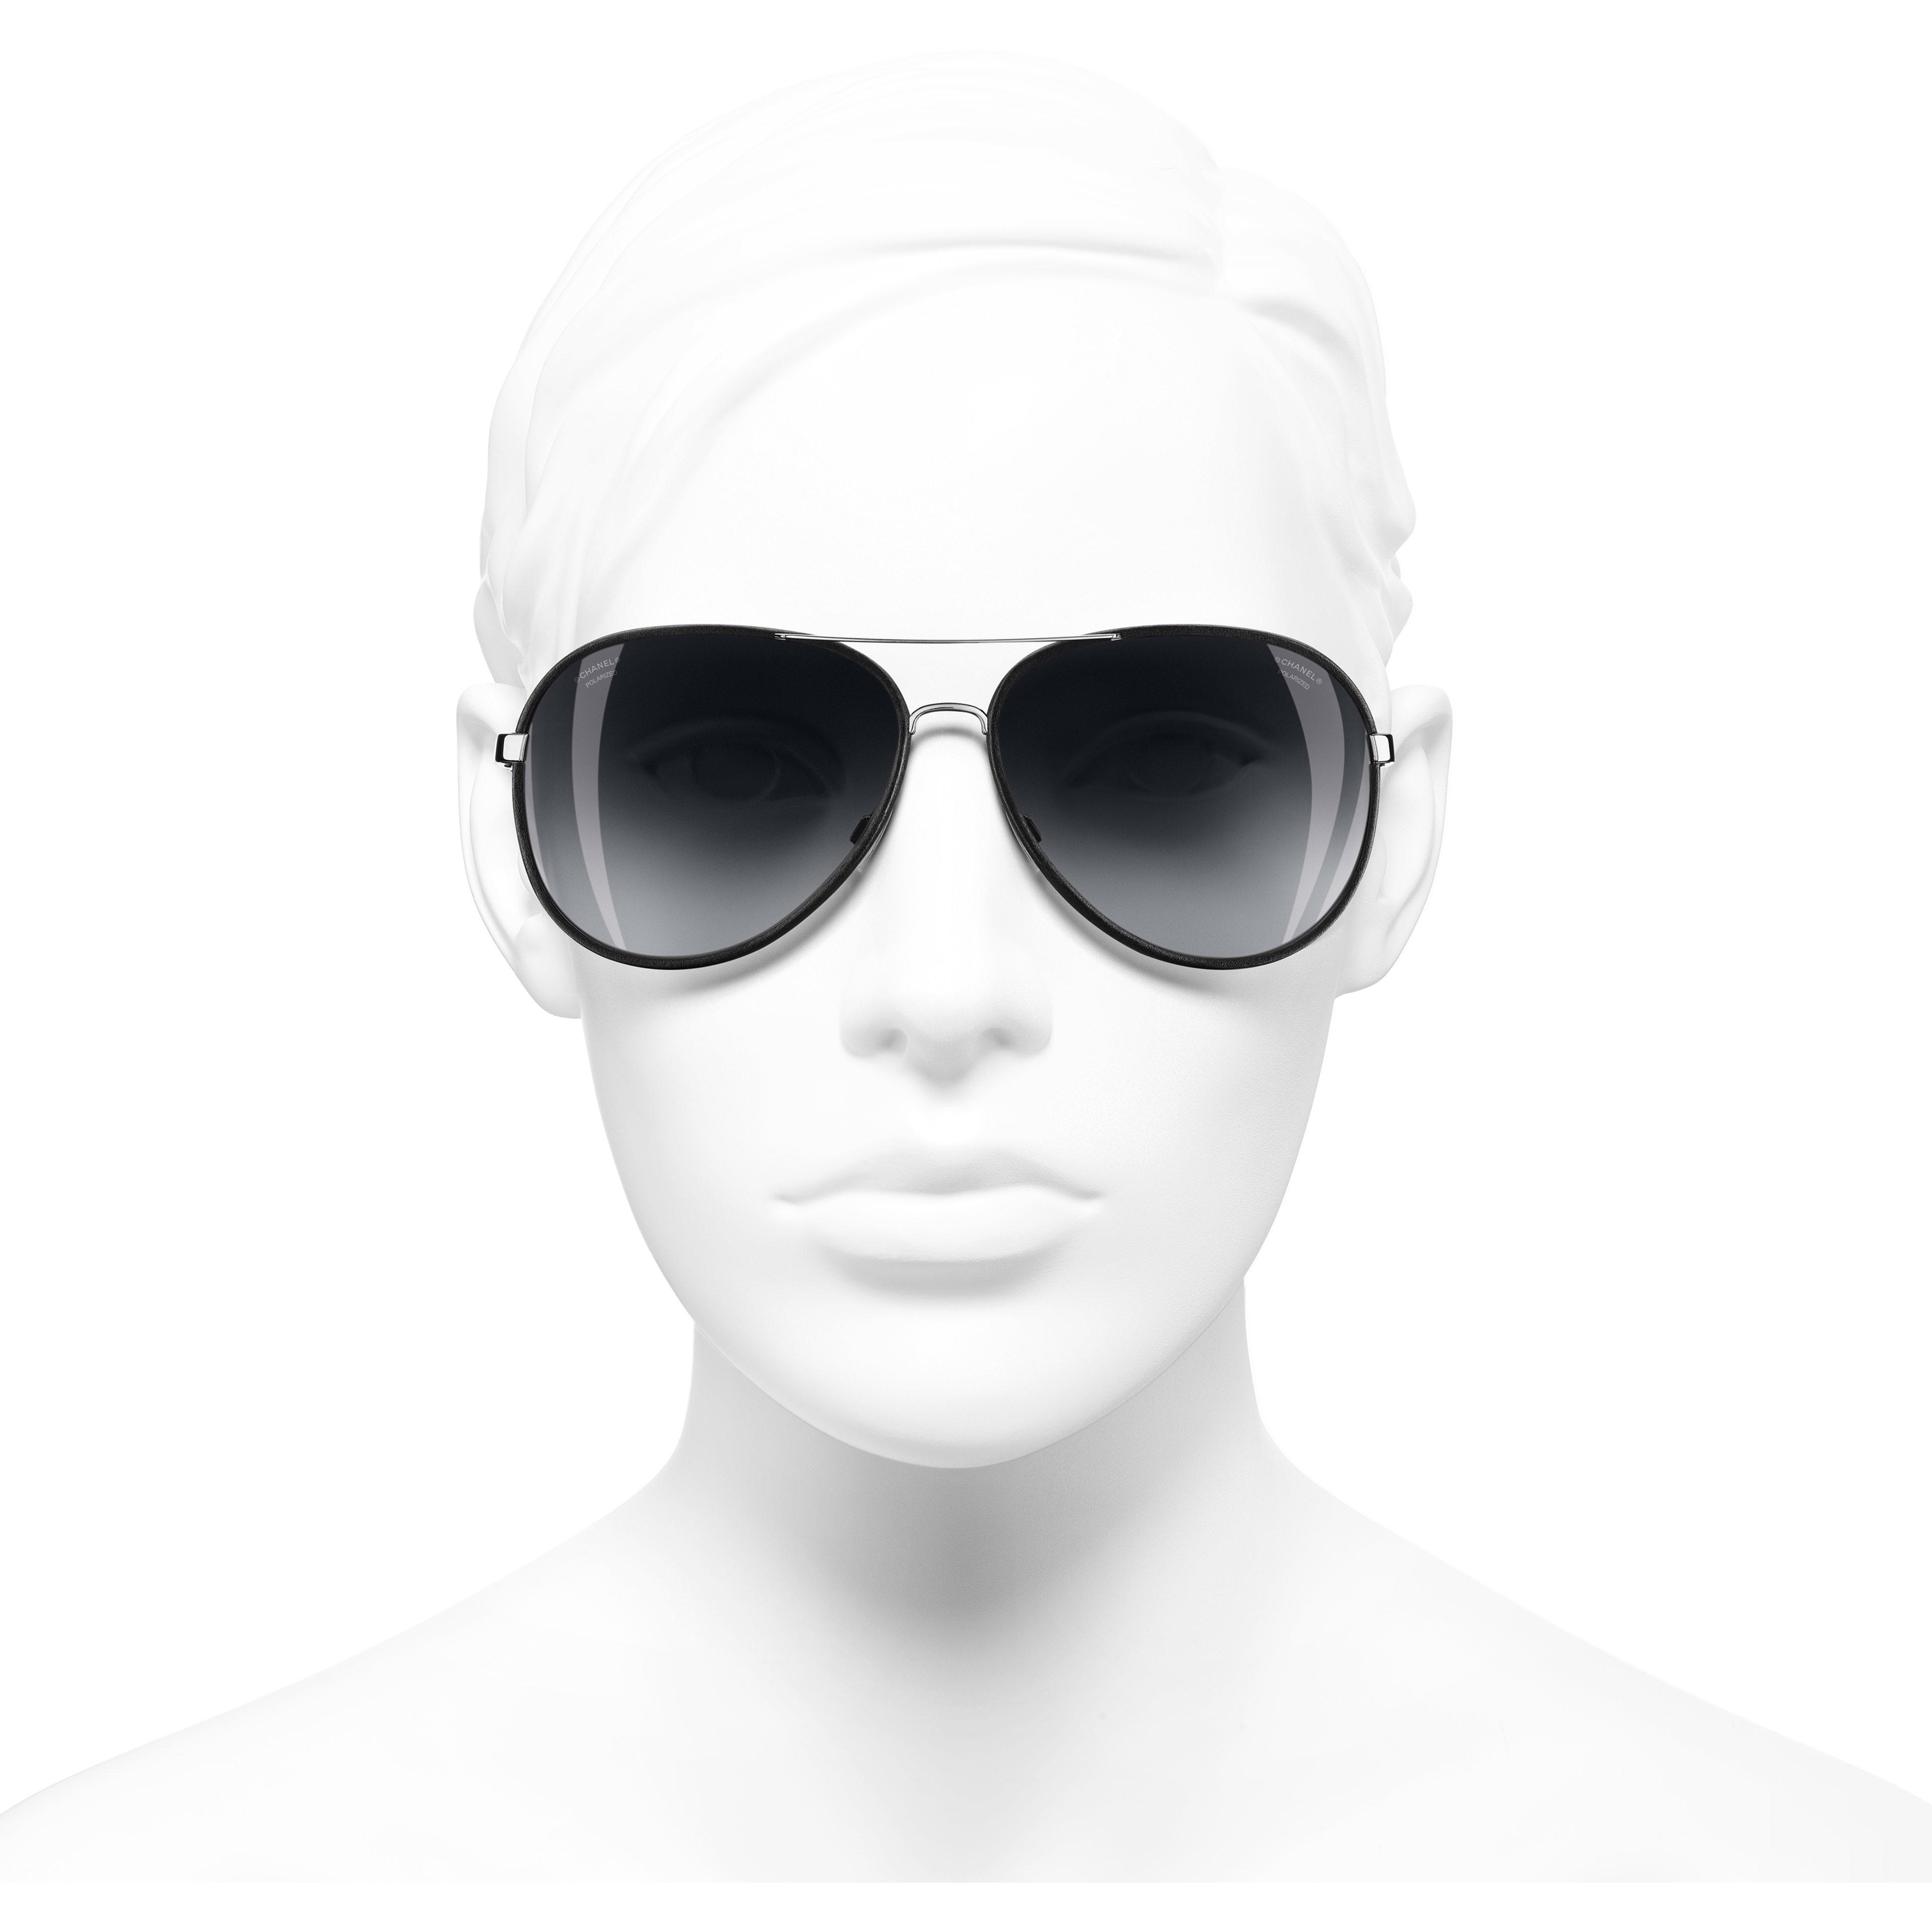 Gafas de sol estilo piloto - Negro - Metal y piel de ternera - CHANEL - Vista de frente puesto - ver la versión tamaño estándar